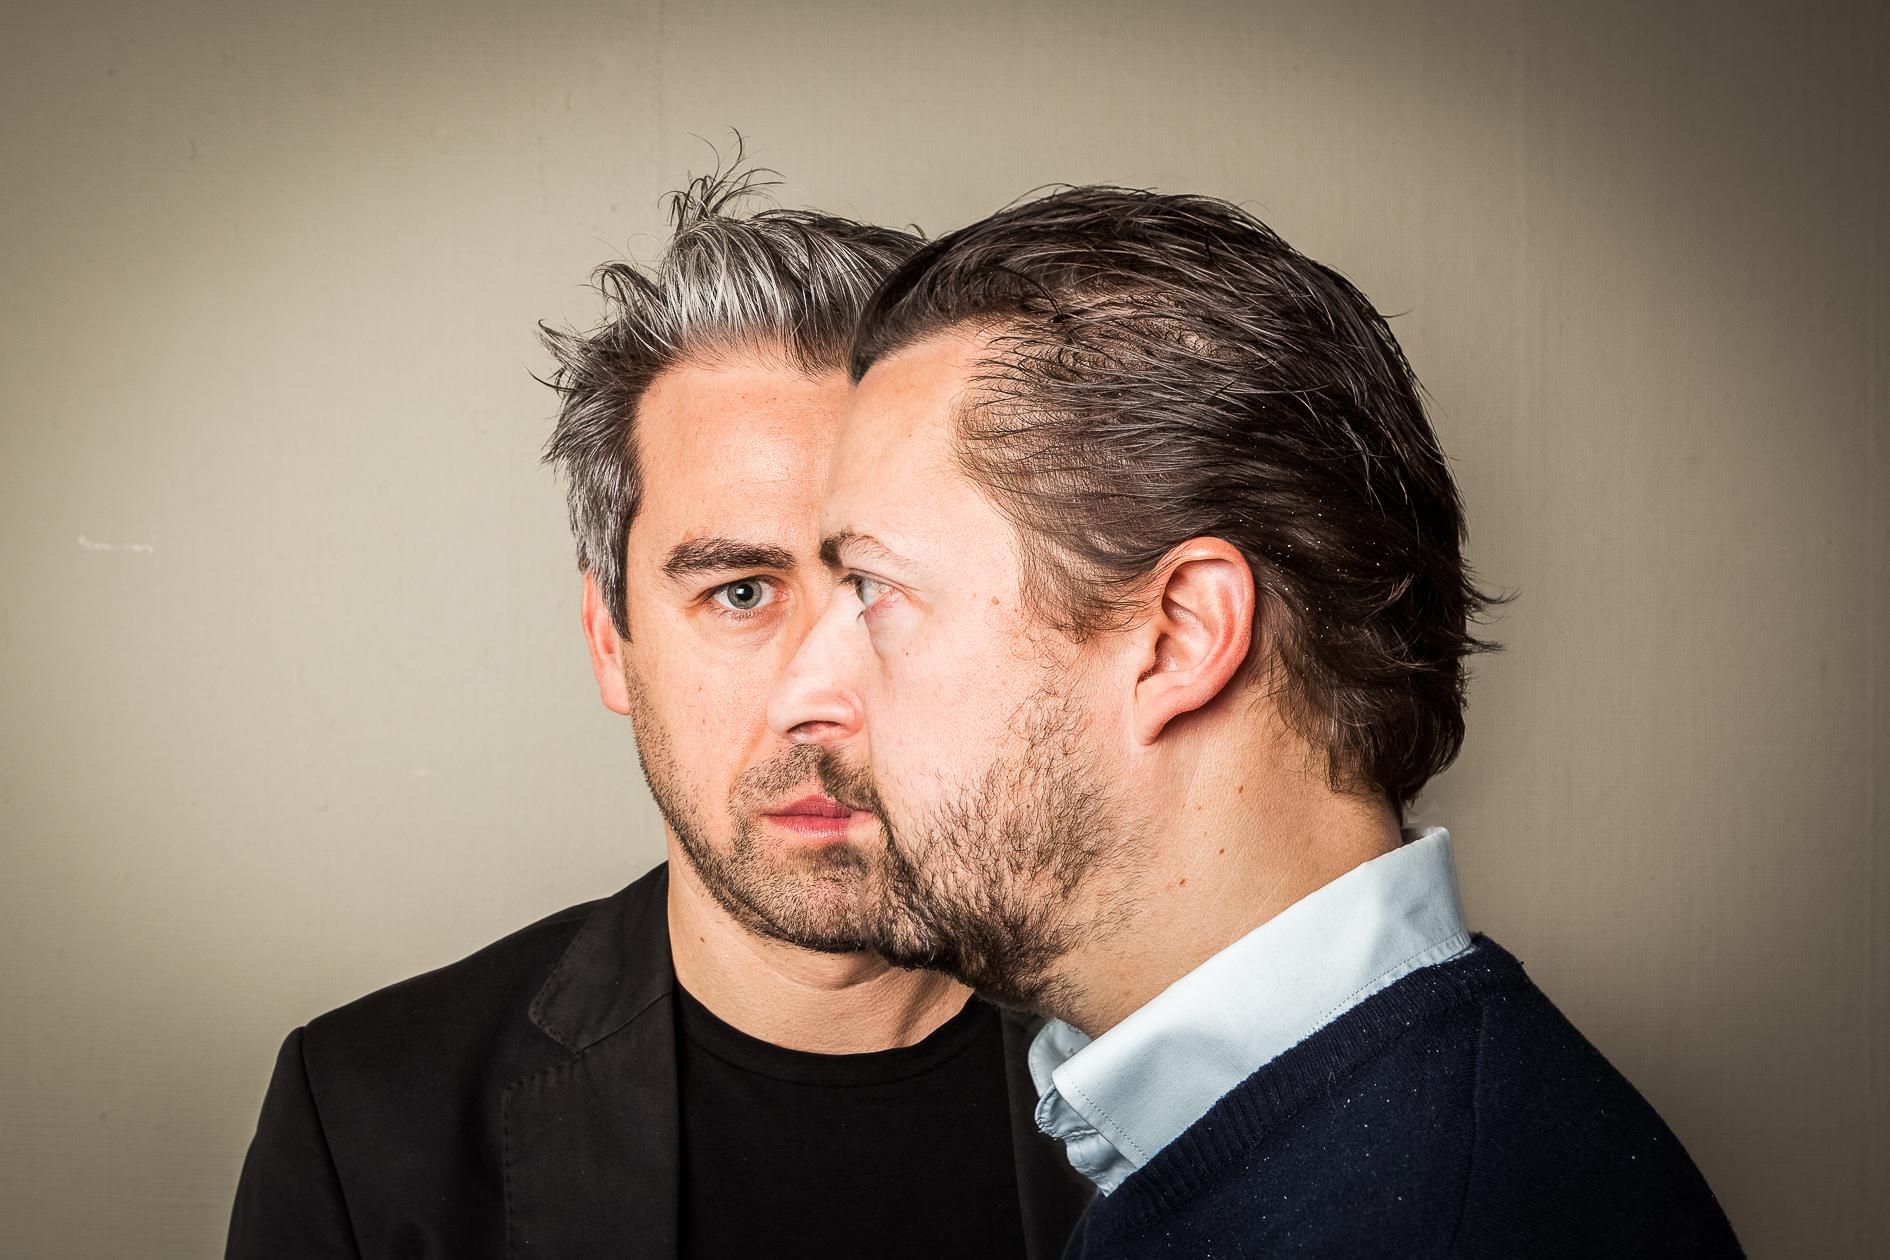 Mariano Vanhoof en Geoffrey Enthoven